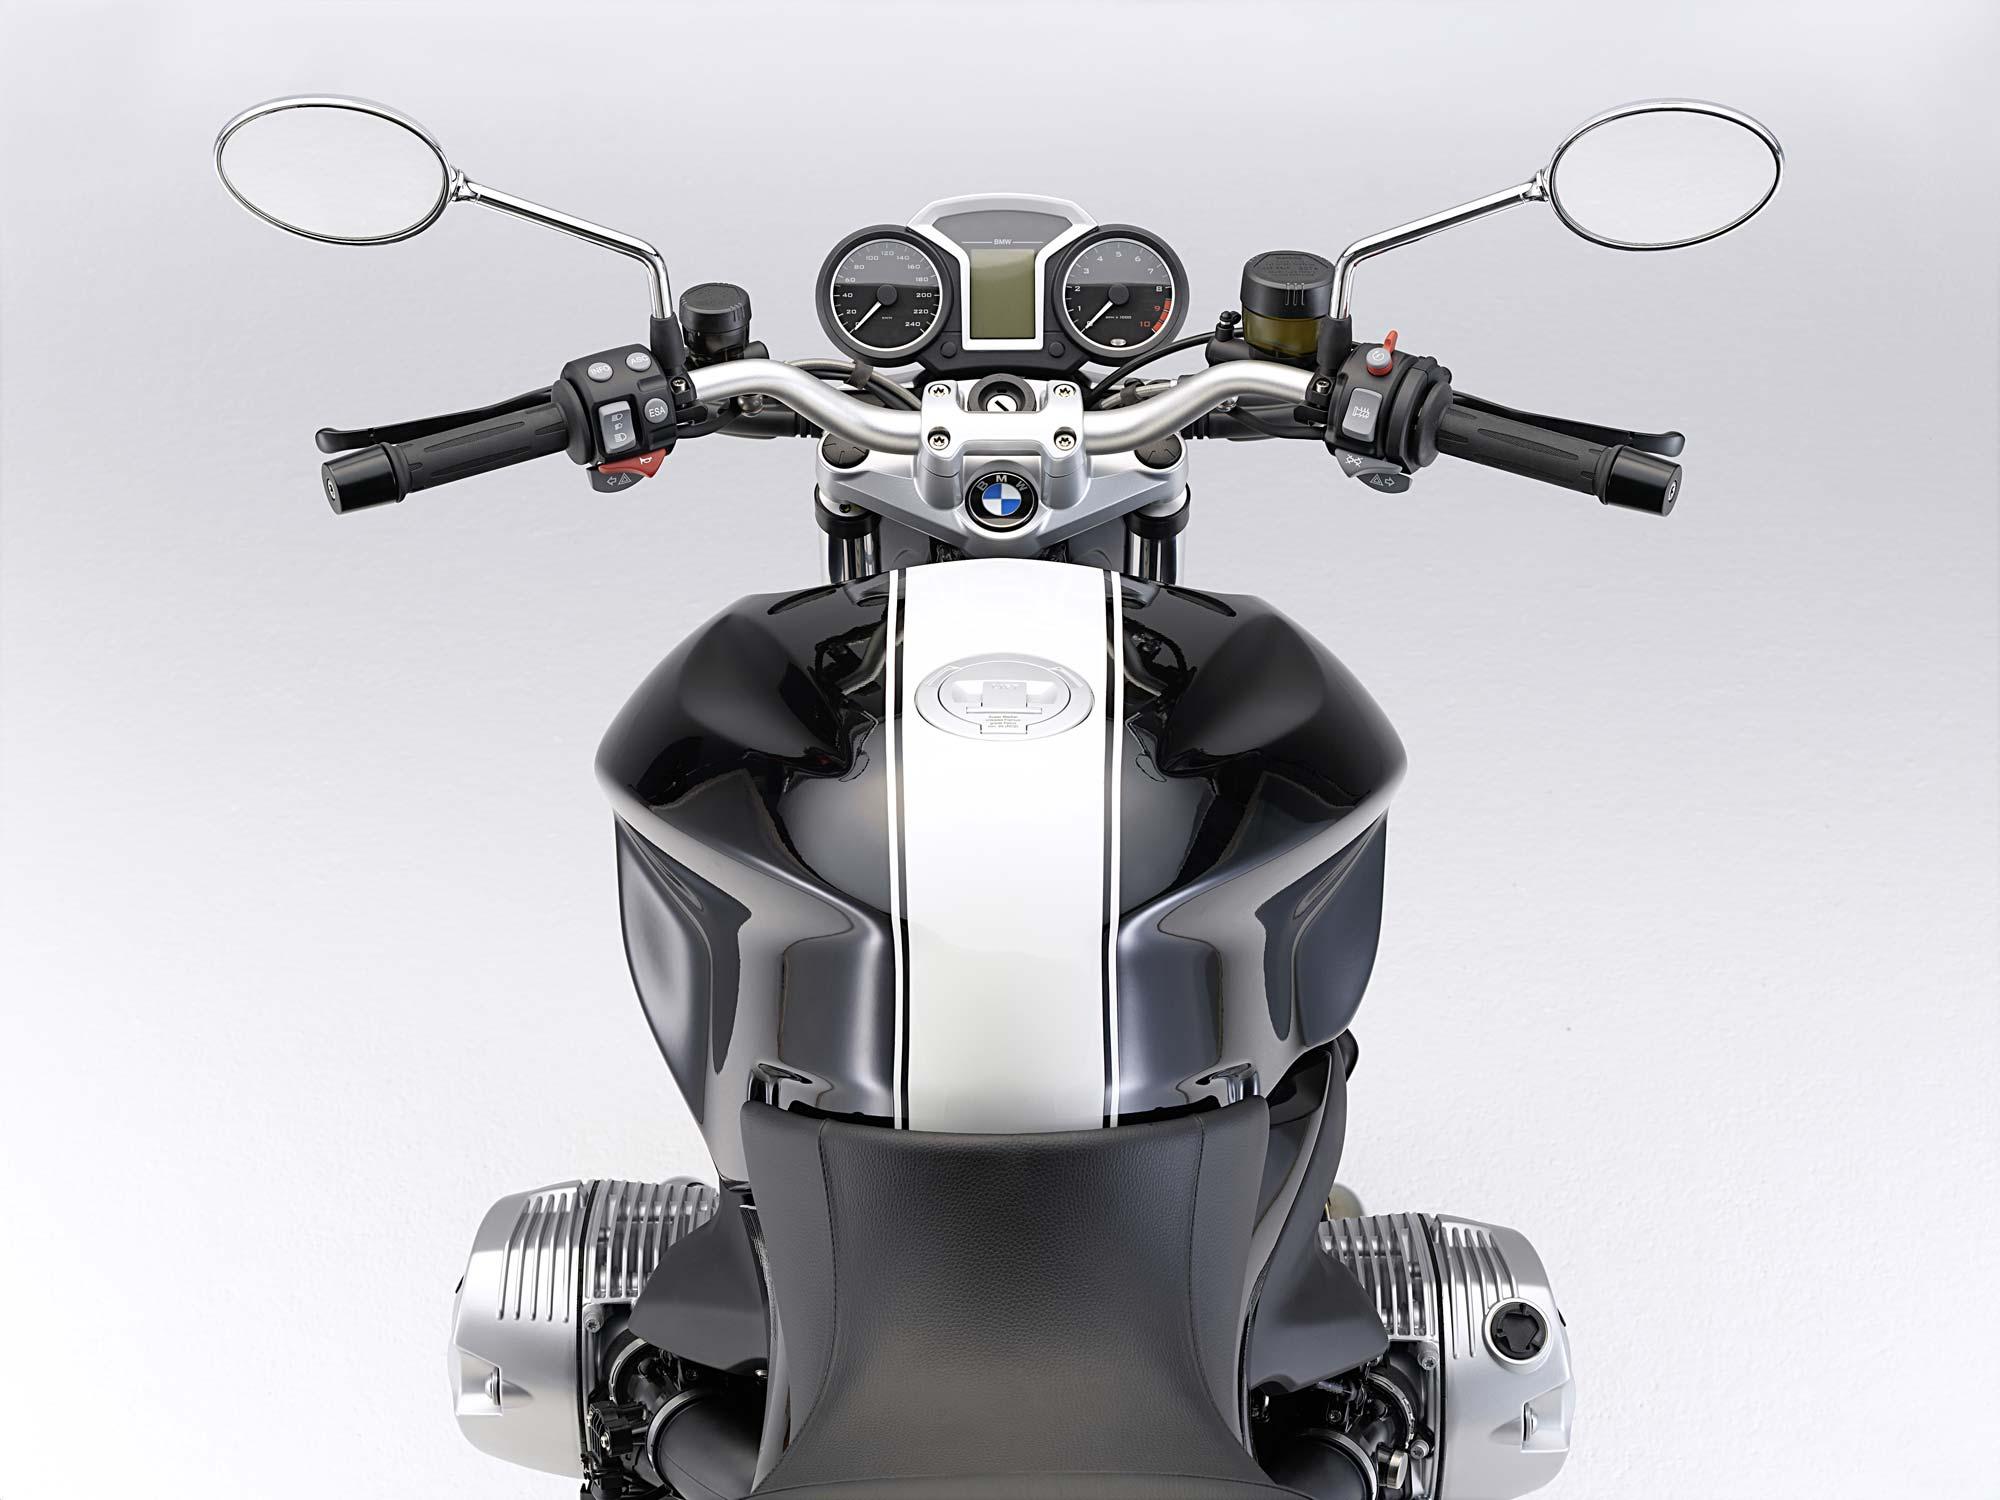 The 2011 BMW R1200R Gets the DOHC Treatment - Asphalt & Rubber